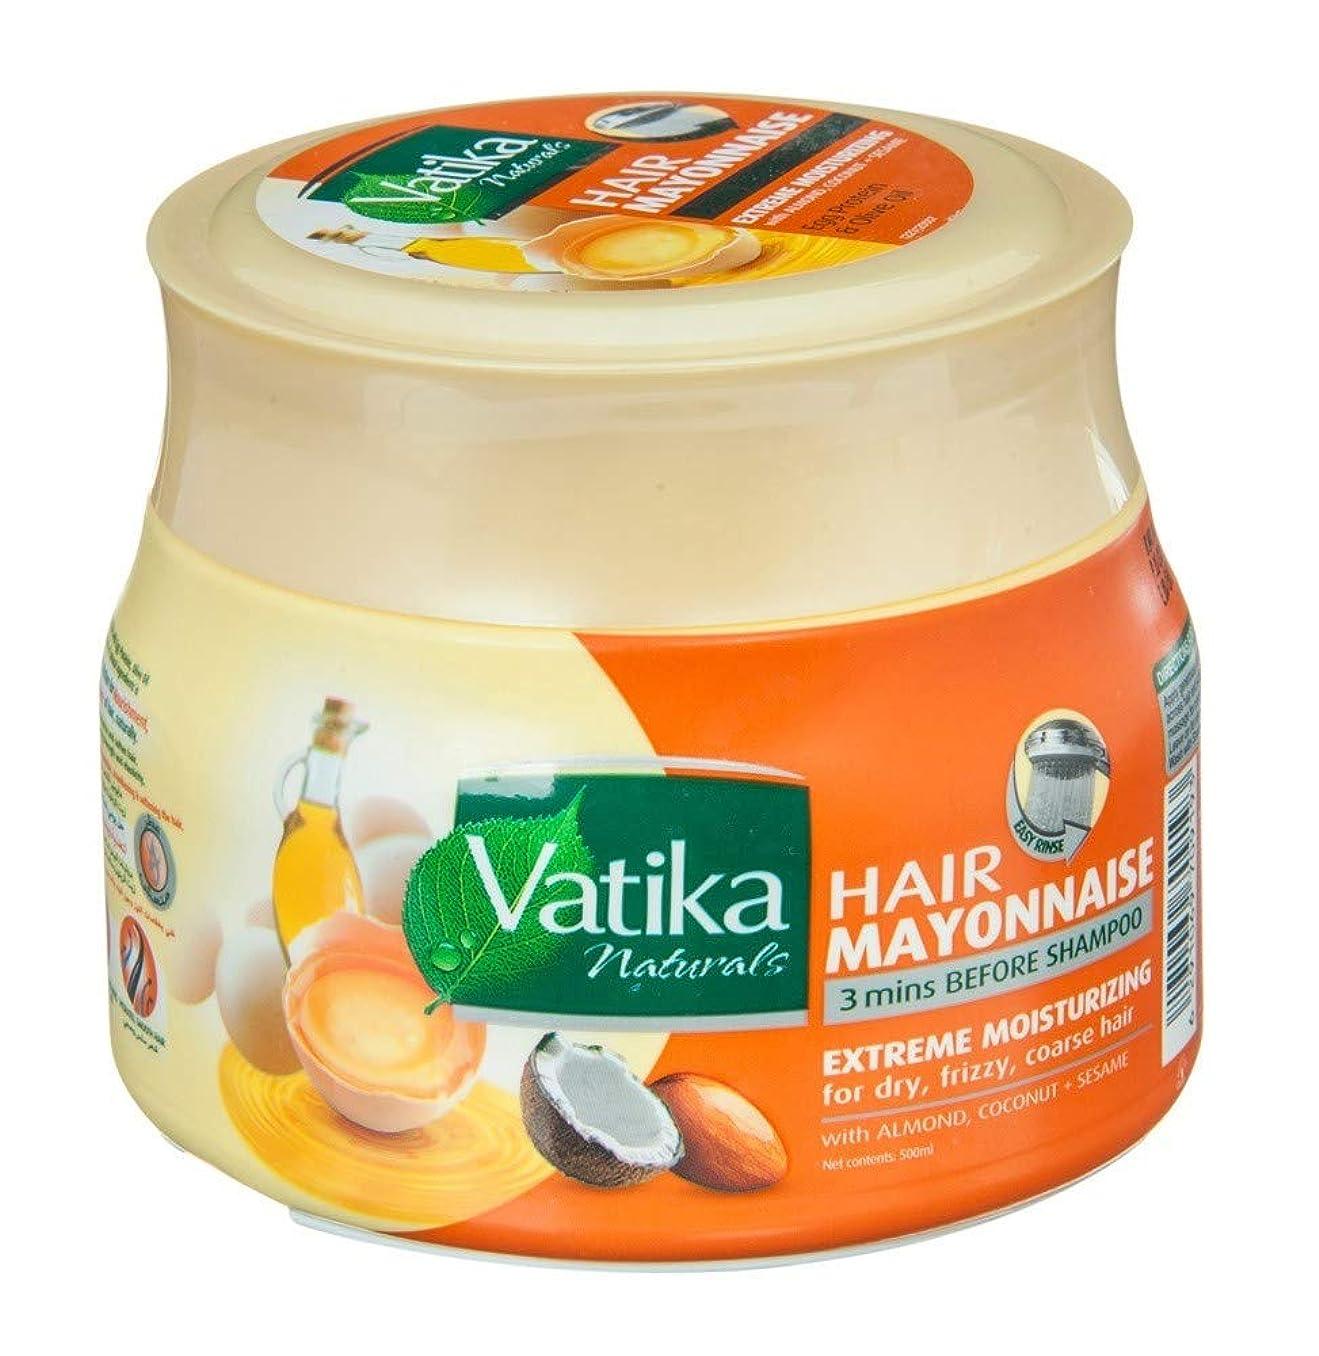 概要クリープ省Natural Vatika Hair Mayonnaise Moisturizing 3 mins Before Shampoo 500 ml (Extreme Moisturizing (Almond, Coconut, Sesame))